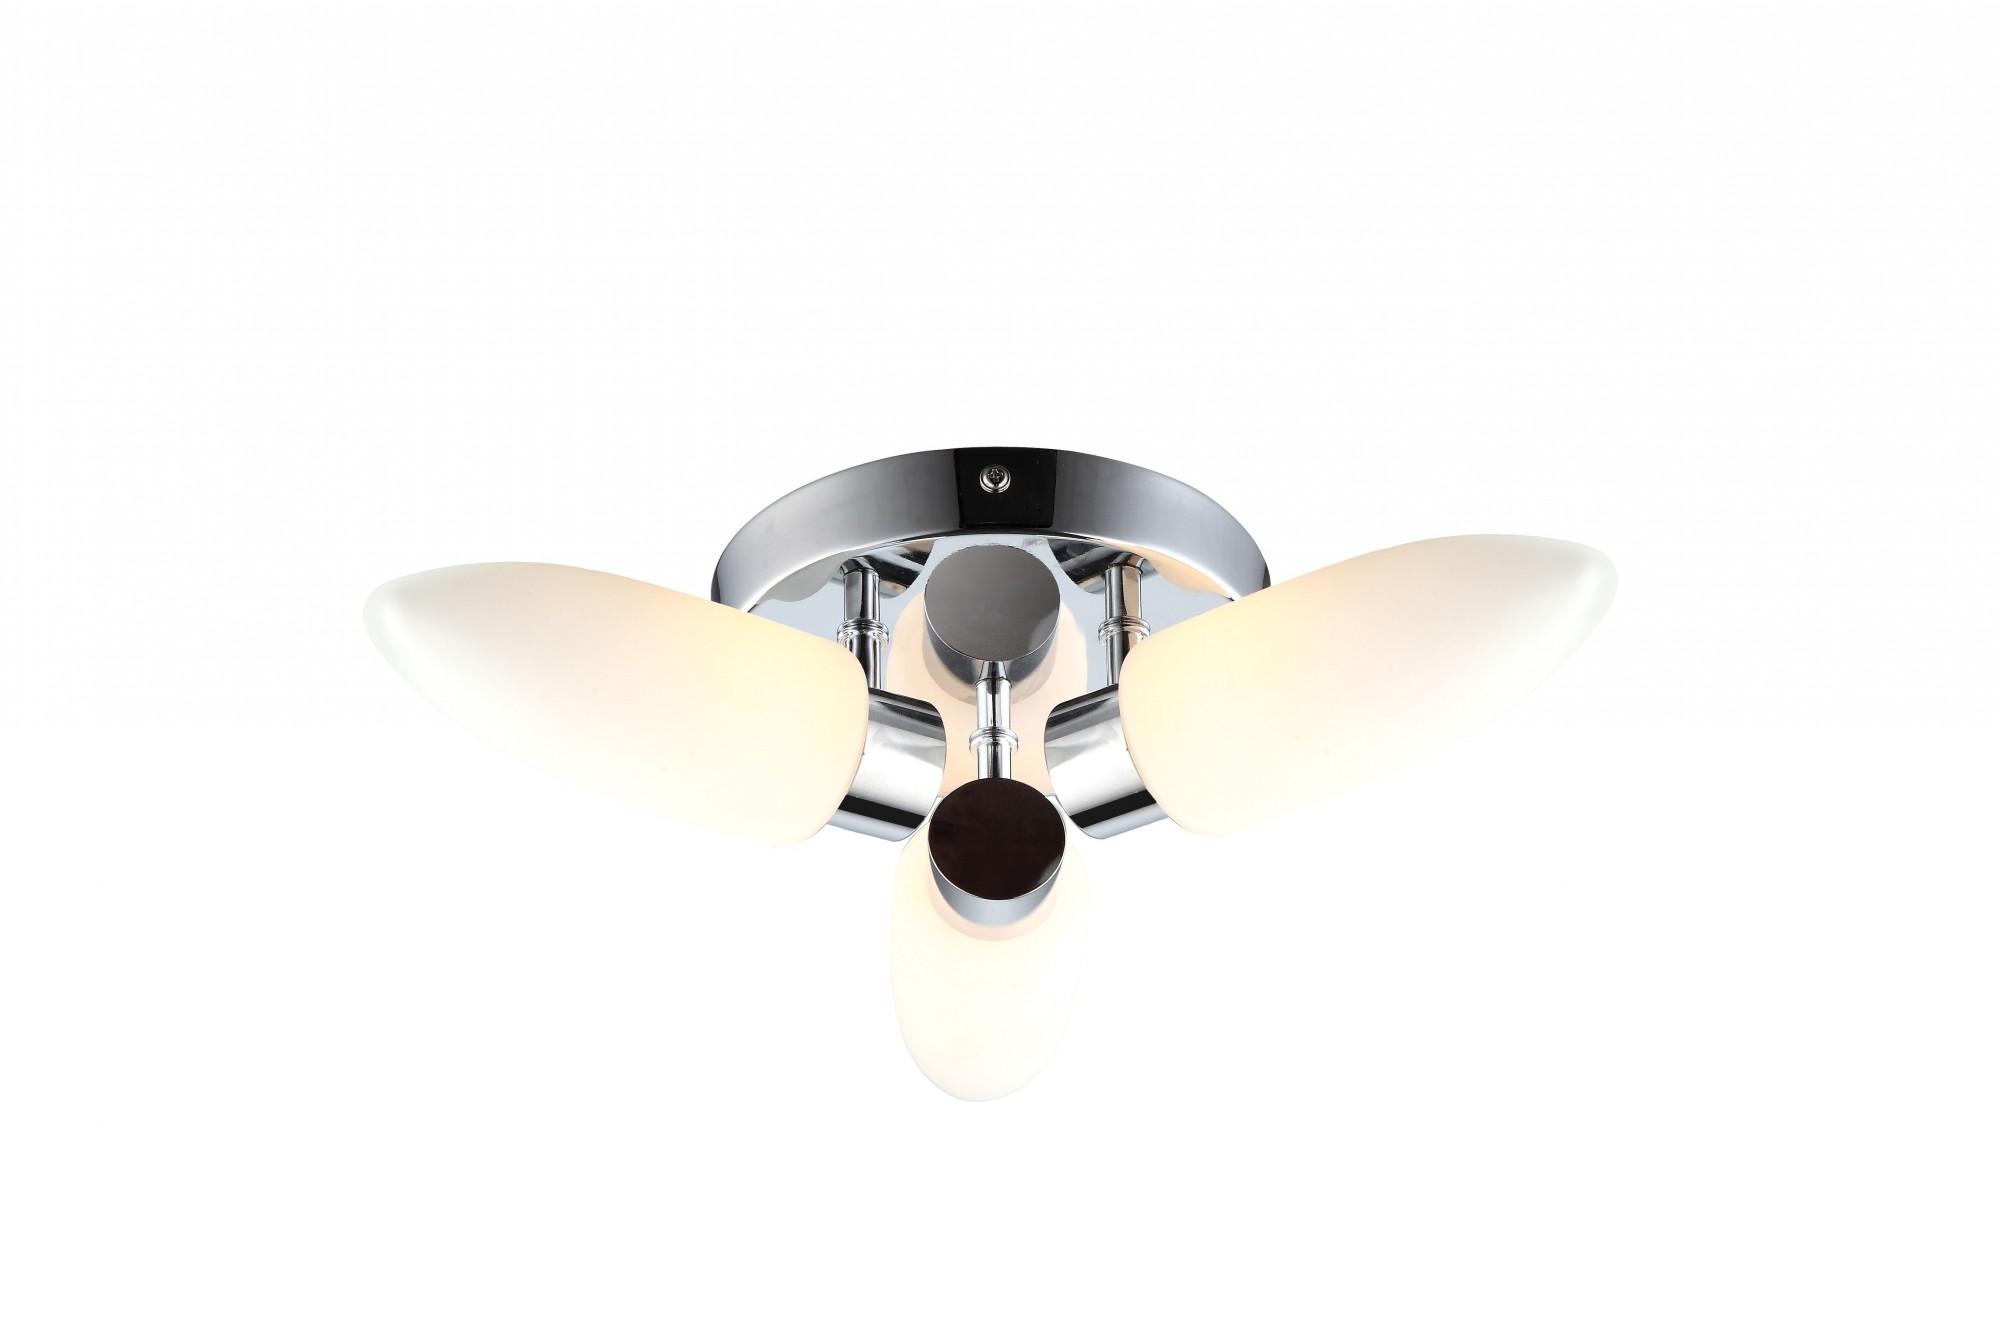 Фото товара A9502PL-3CC Arte Lamp